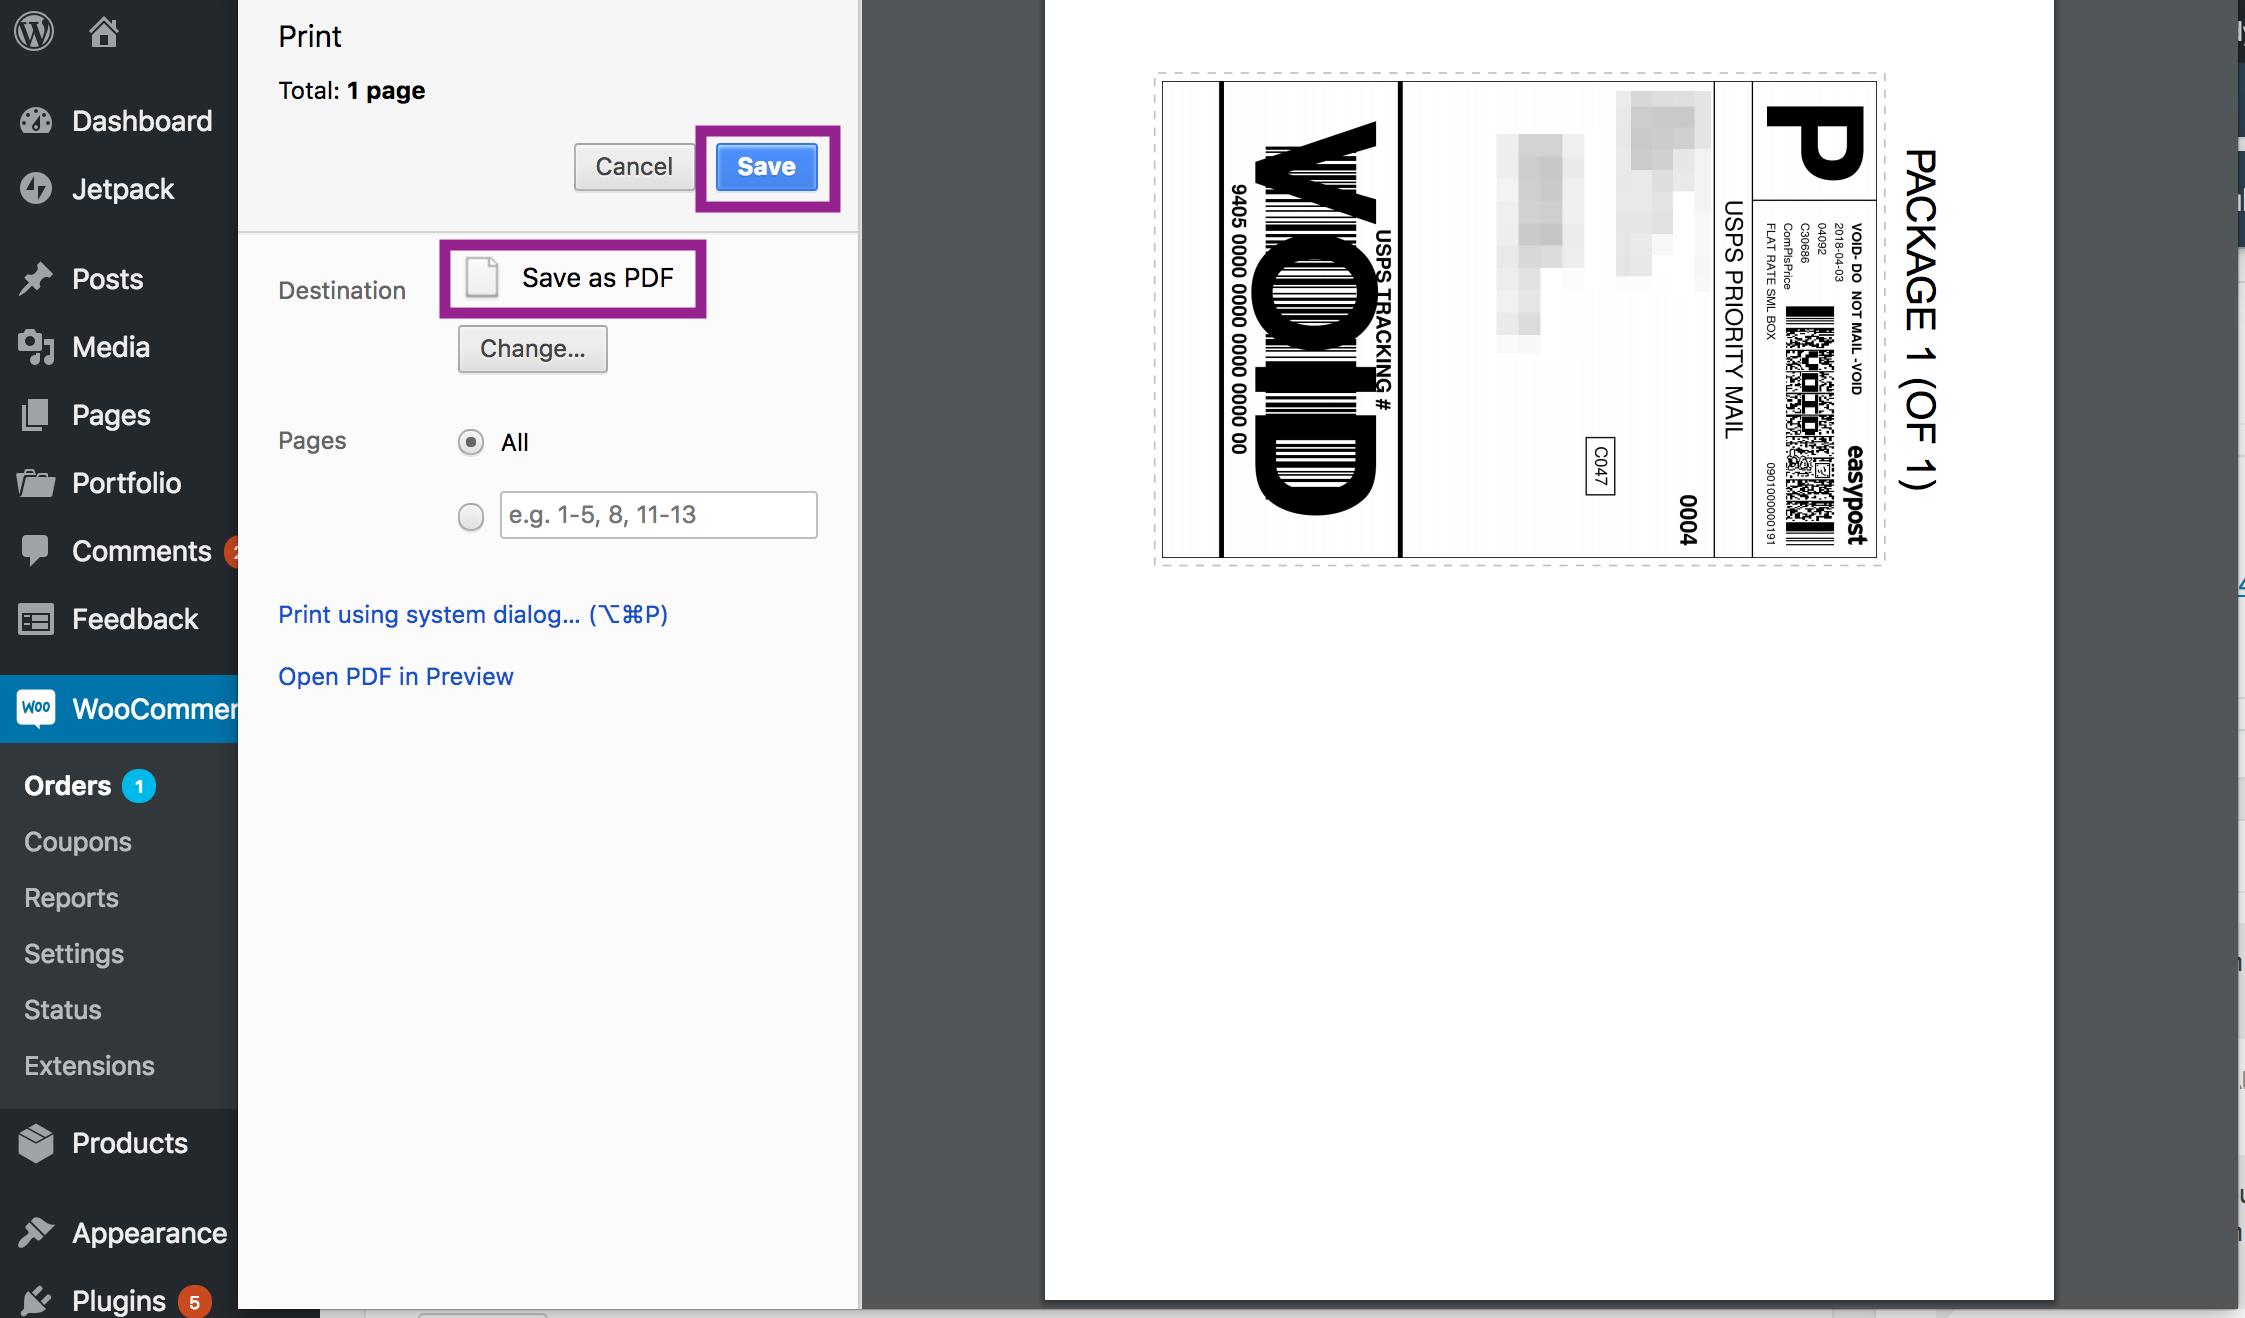 print as a pdf